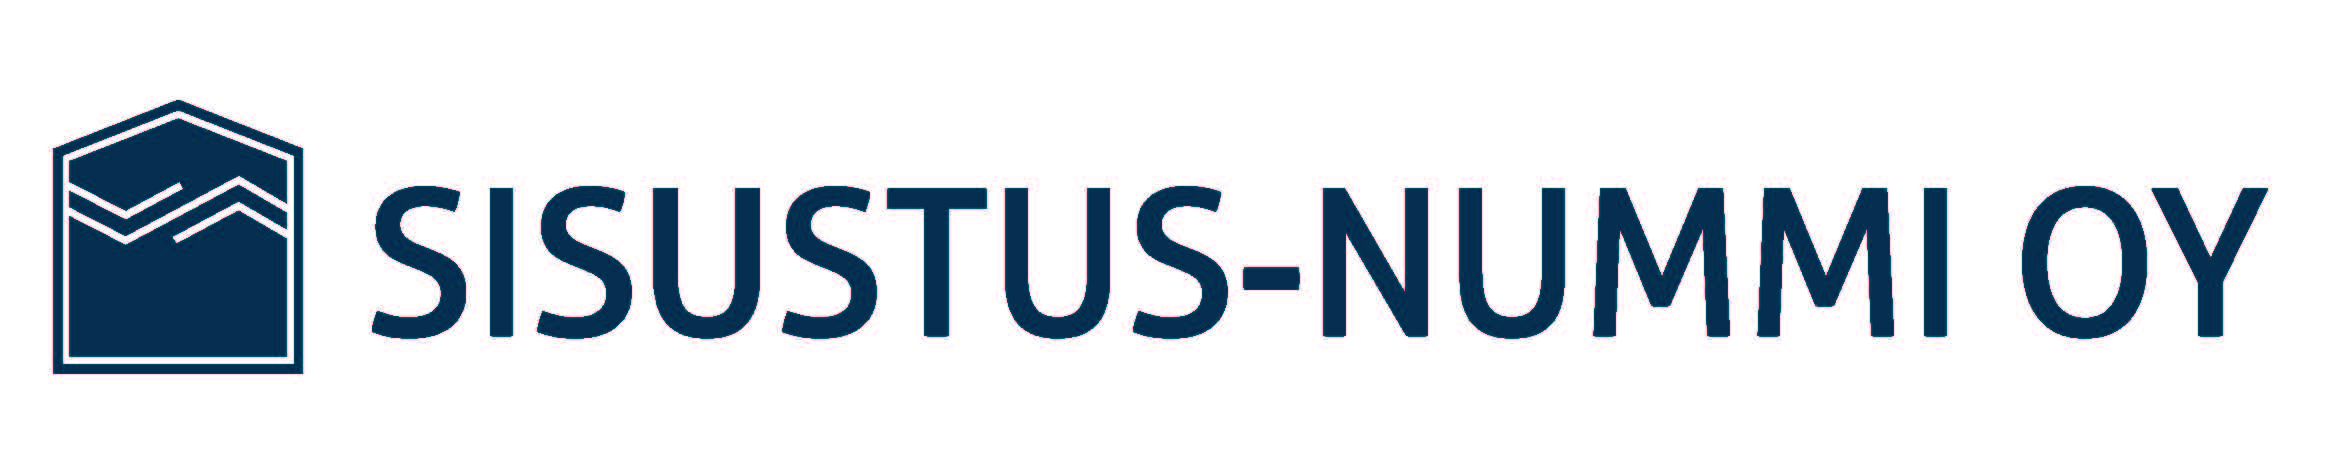 SISUSTUS-NUMMI_logo.jpg